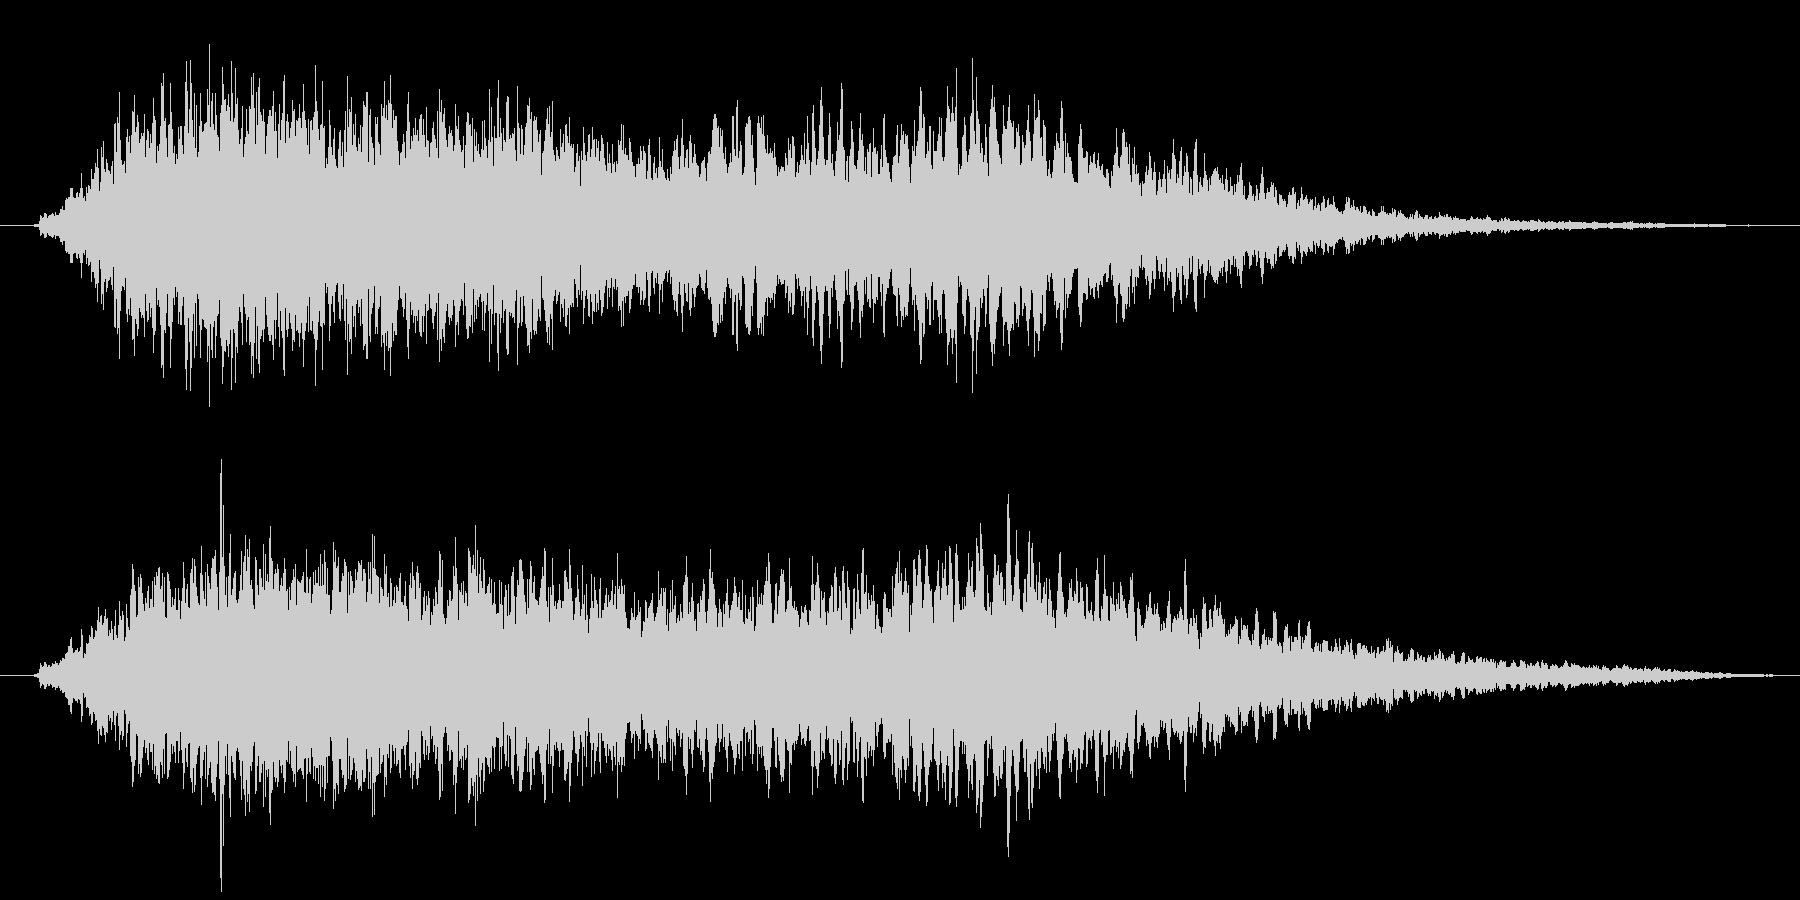 ふわふわした雰囲気のヒーリングBGMの未再生の波形